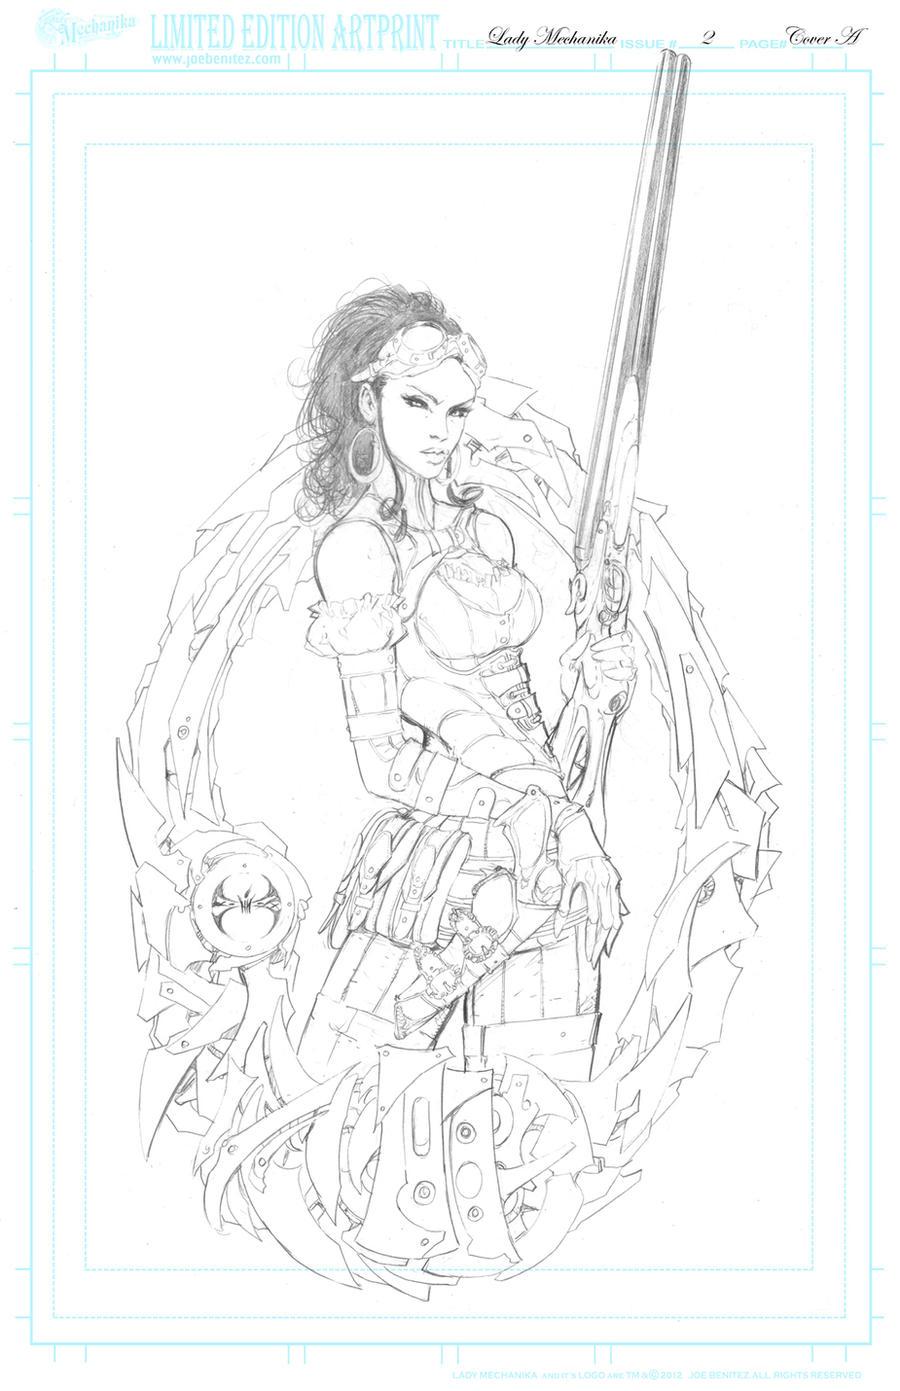 Lady M 2 cover  pencil Print by joebenitez